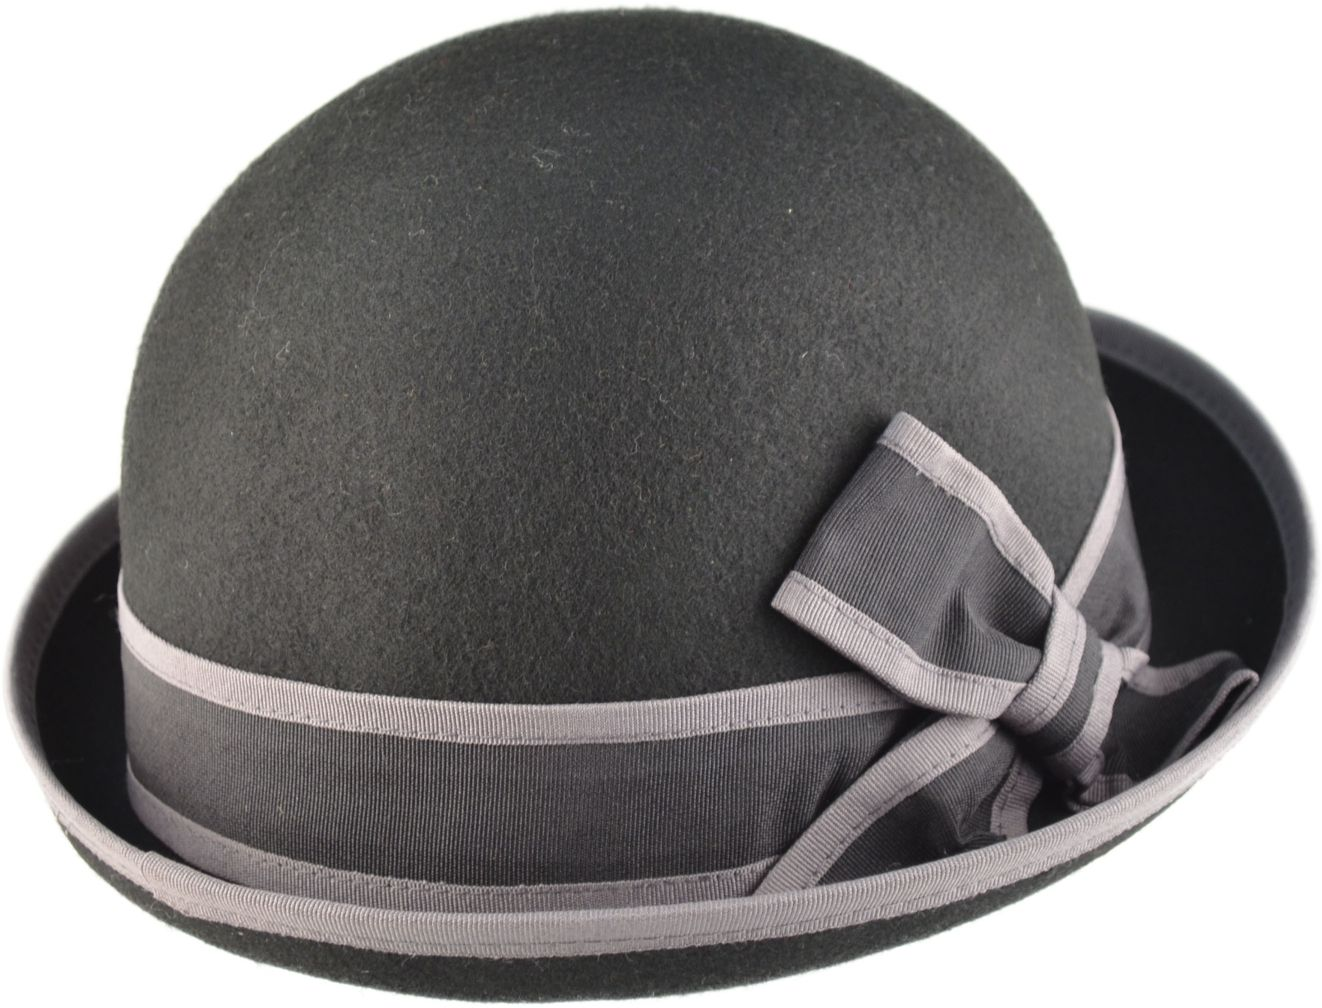 eae2535bl_chapeau-cloche-pin-up-40-s-50-s-retro-glamour-cindy-noir